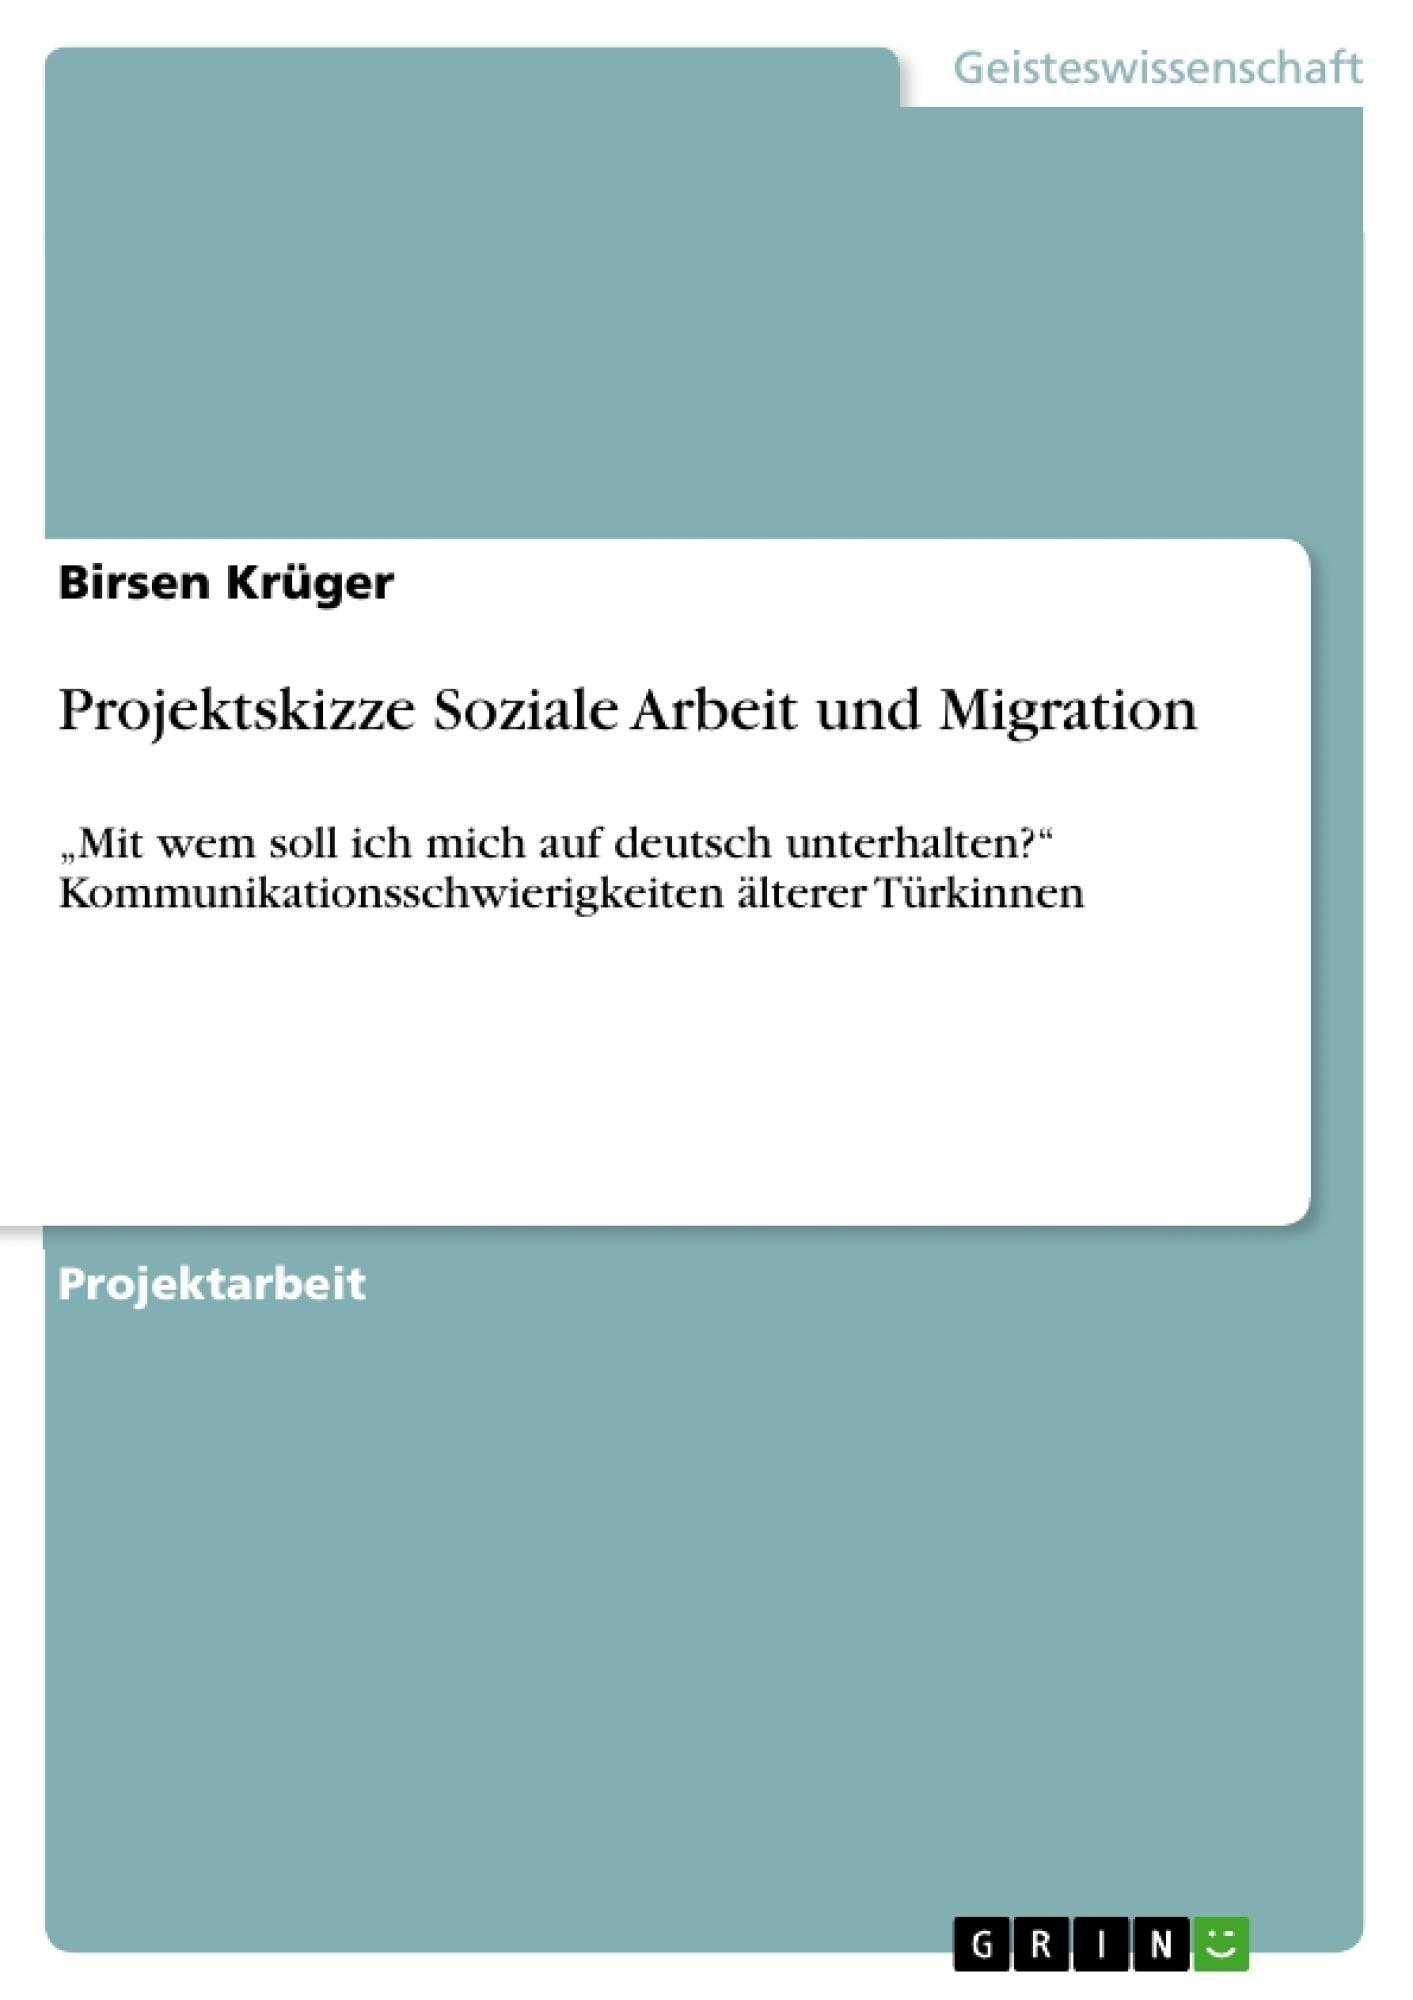 So schalten Sie Ihren Adblocker für SZ.de aus: